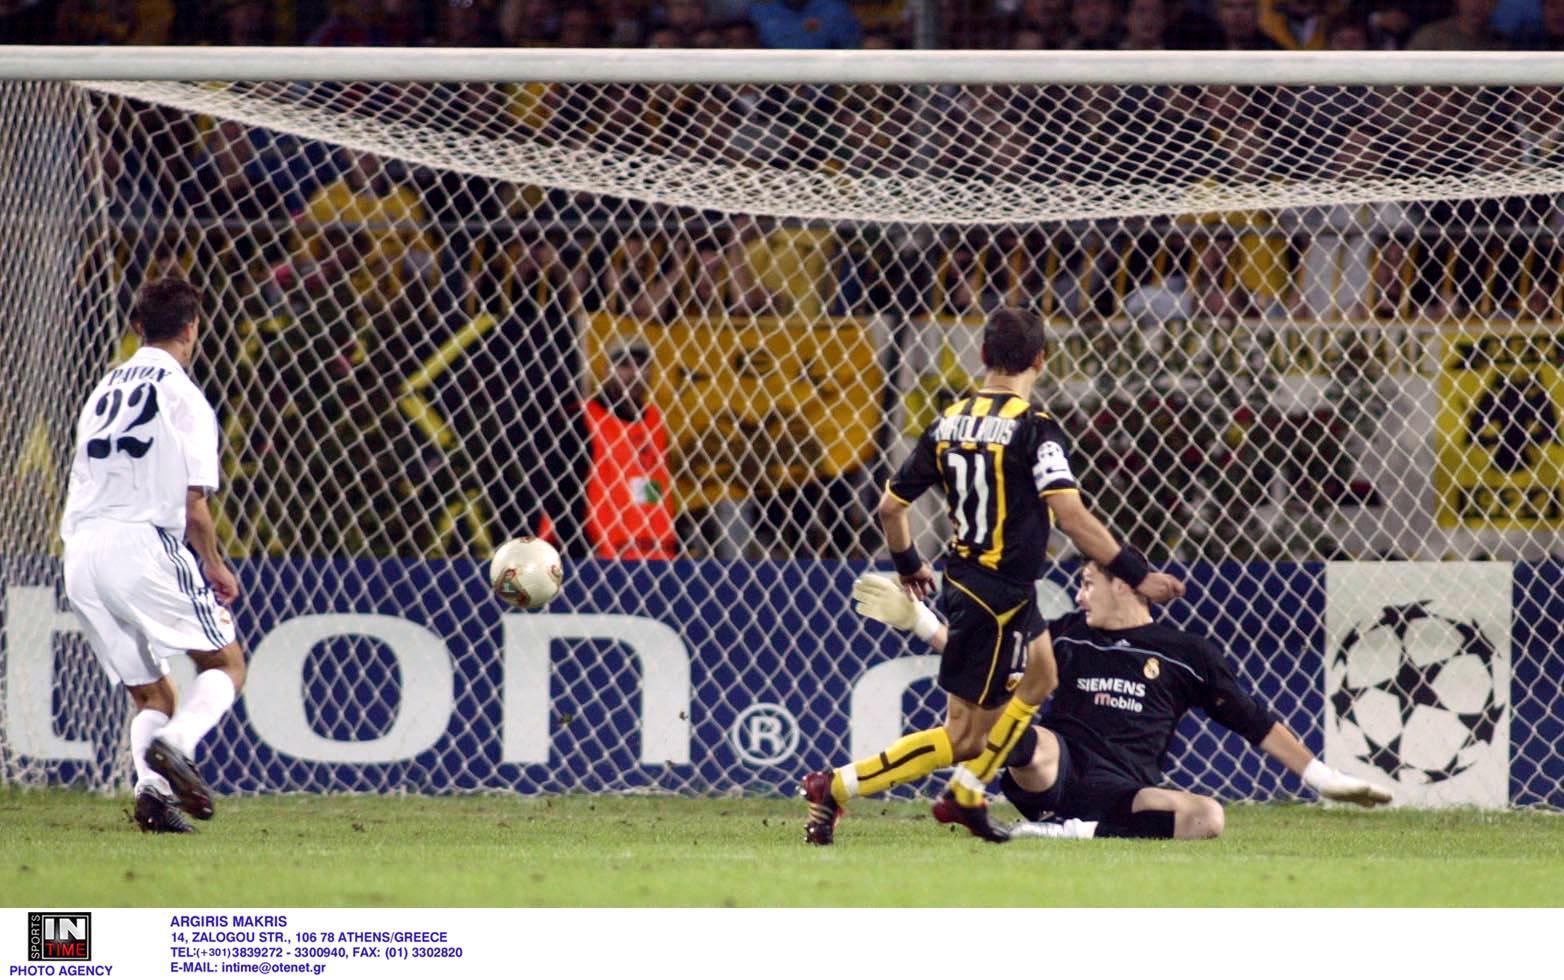 Νικολαΐδης και Μπάγεβιτς θυμήθηκαν το επικό 3-3 της ΑΕΚ με την Ρεάλ Μαδρίτης (videos)